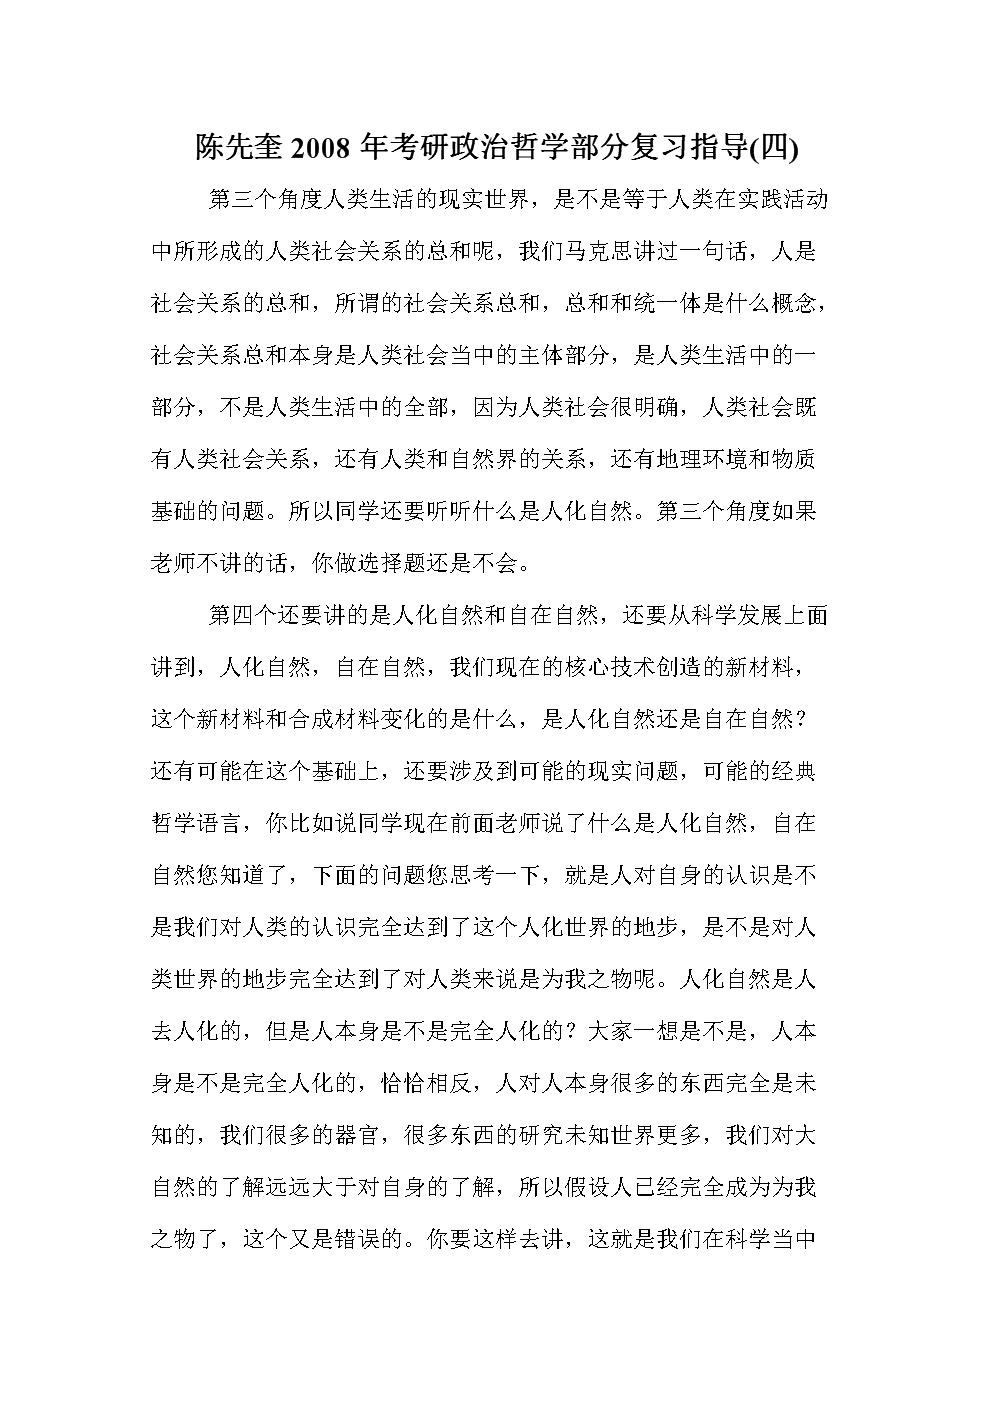 陈先奎2008年考研政治哲学部分复习指导(四).doc